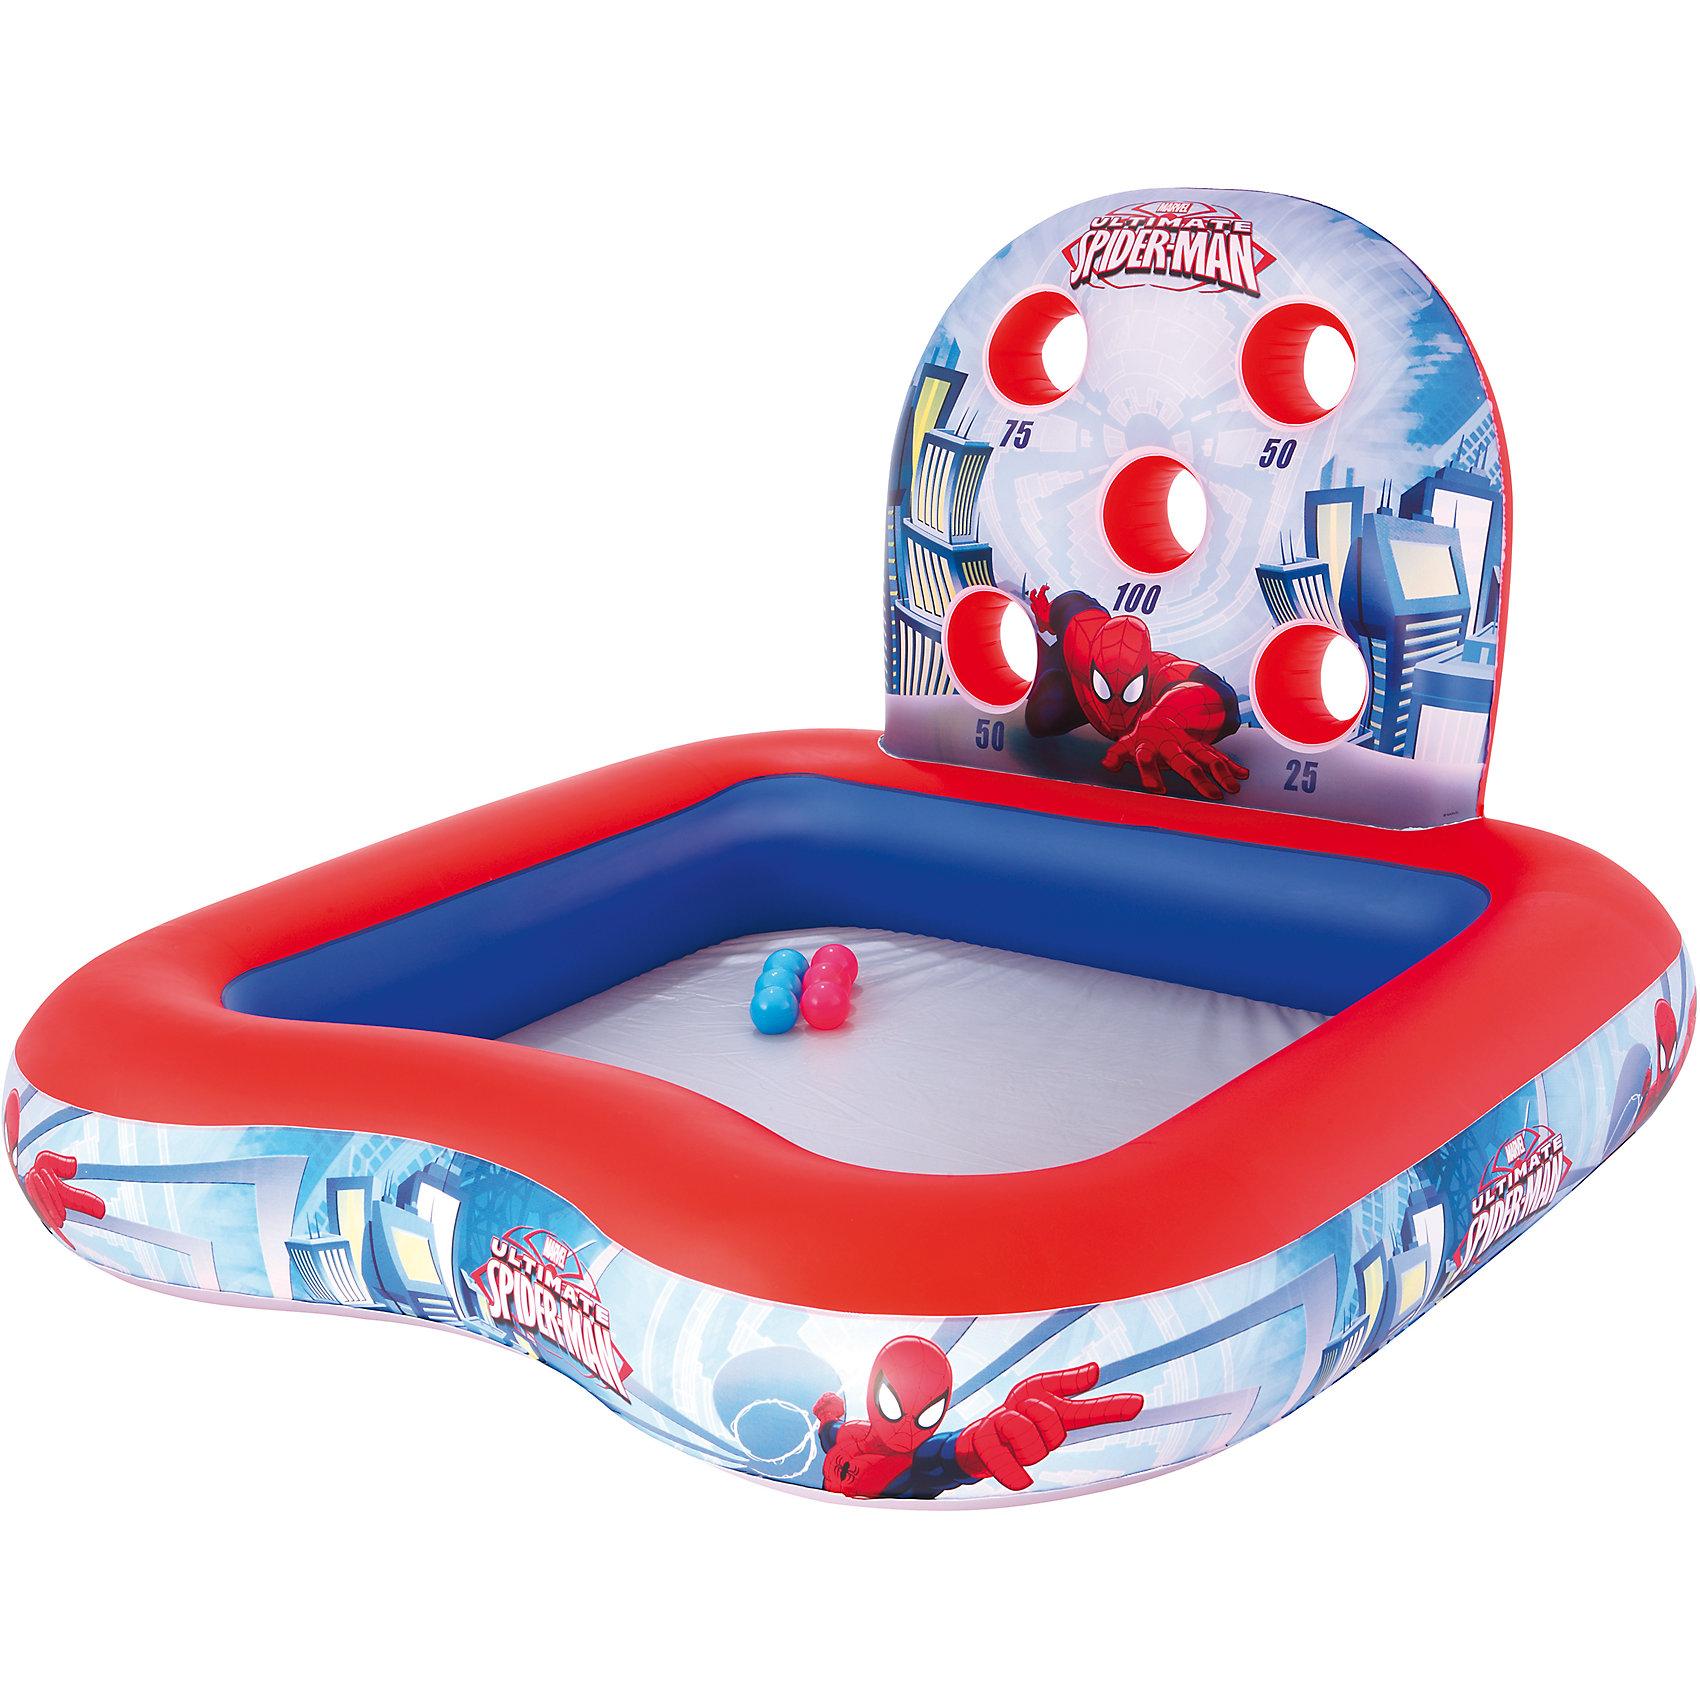 Bestway Игровой бассейн, 170 л, с принадлежностями для игр, Bestway